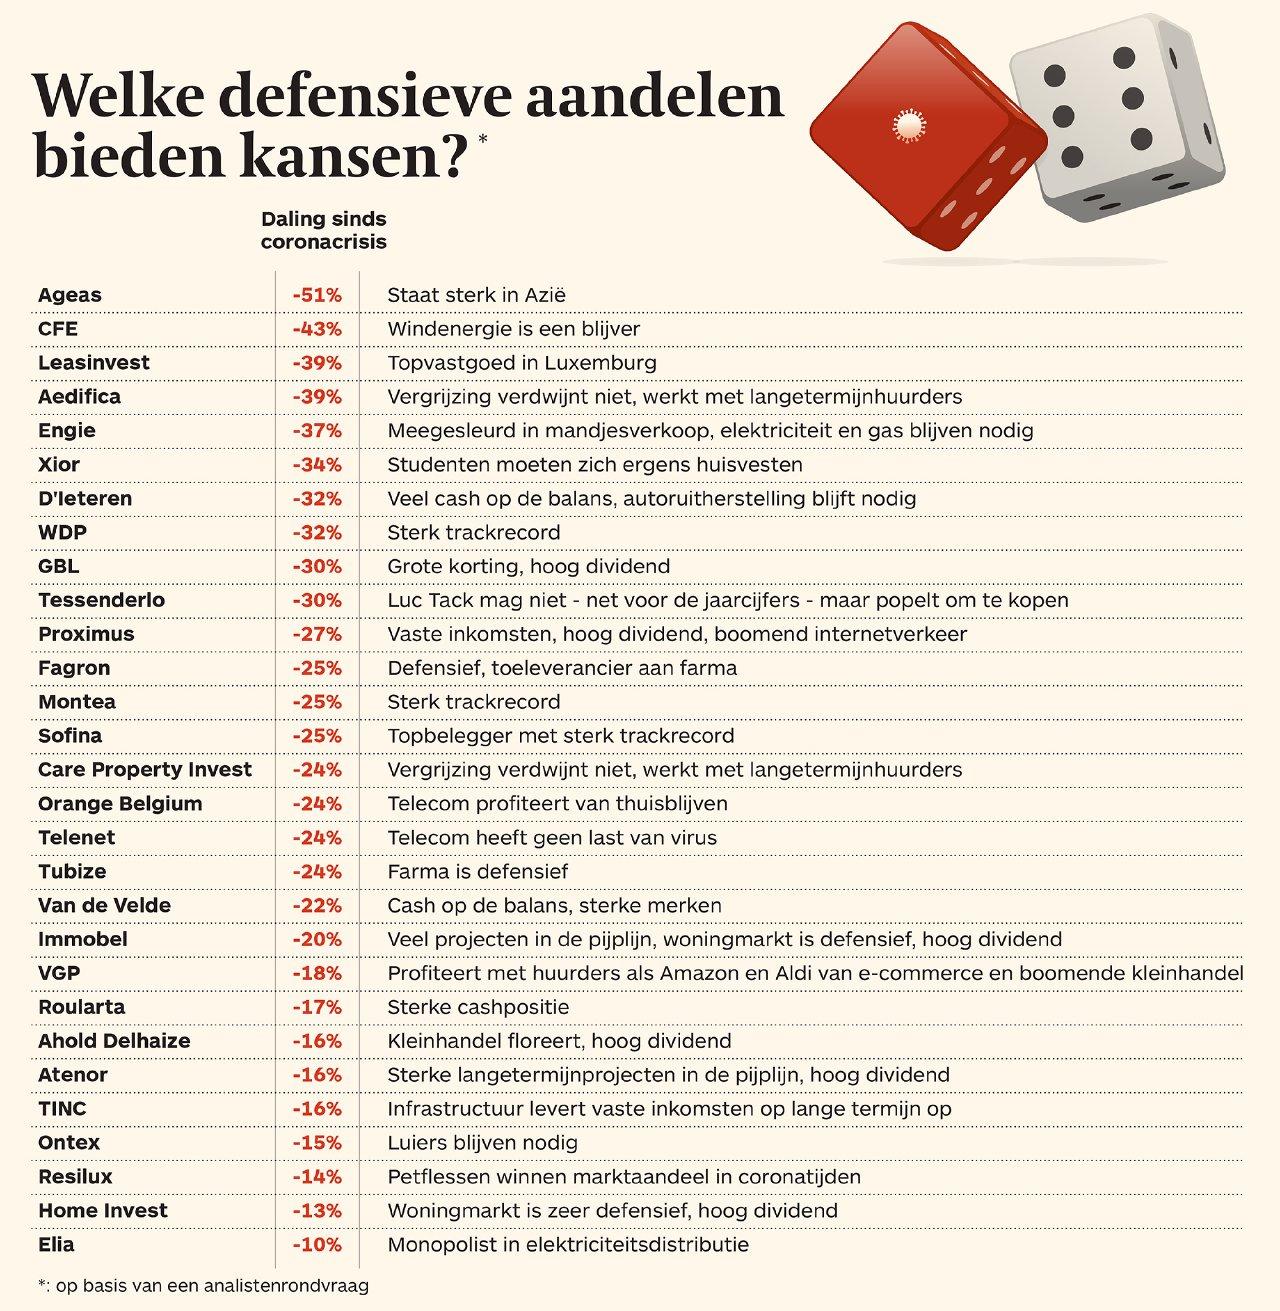 Defensieve-aandelen